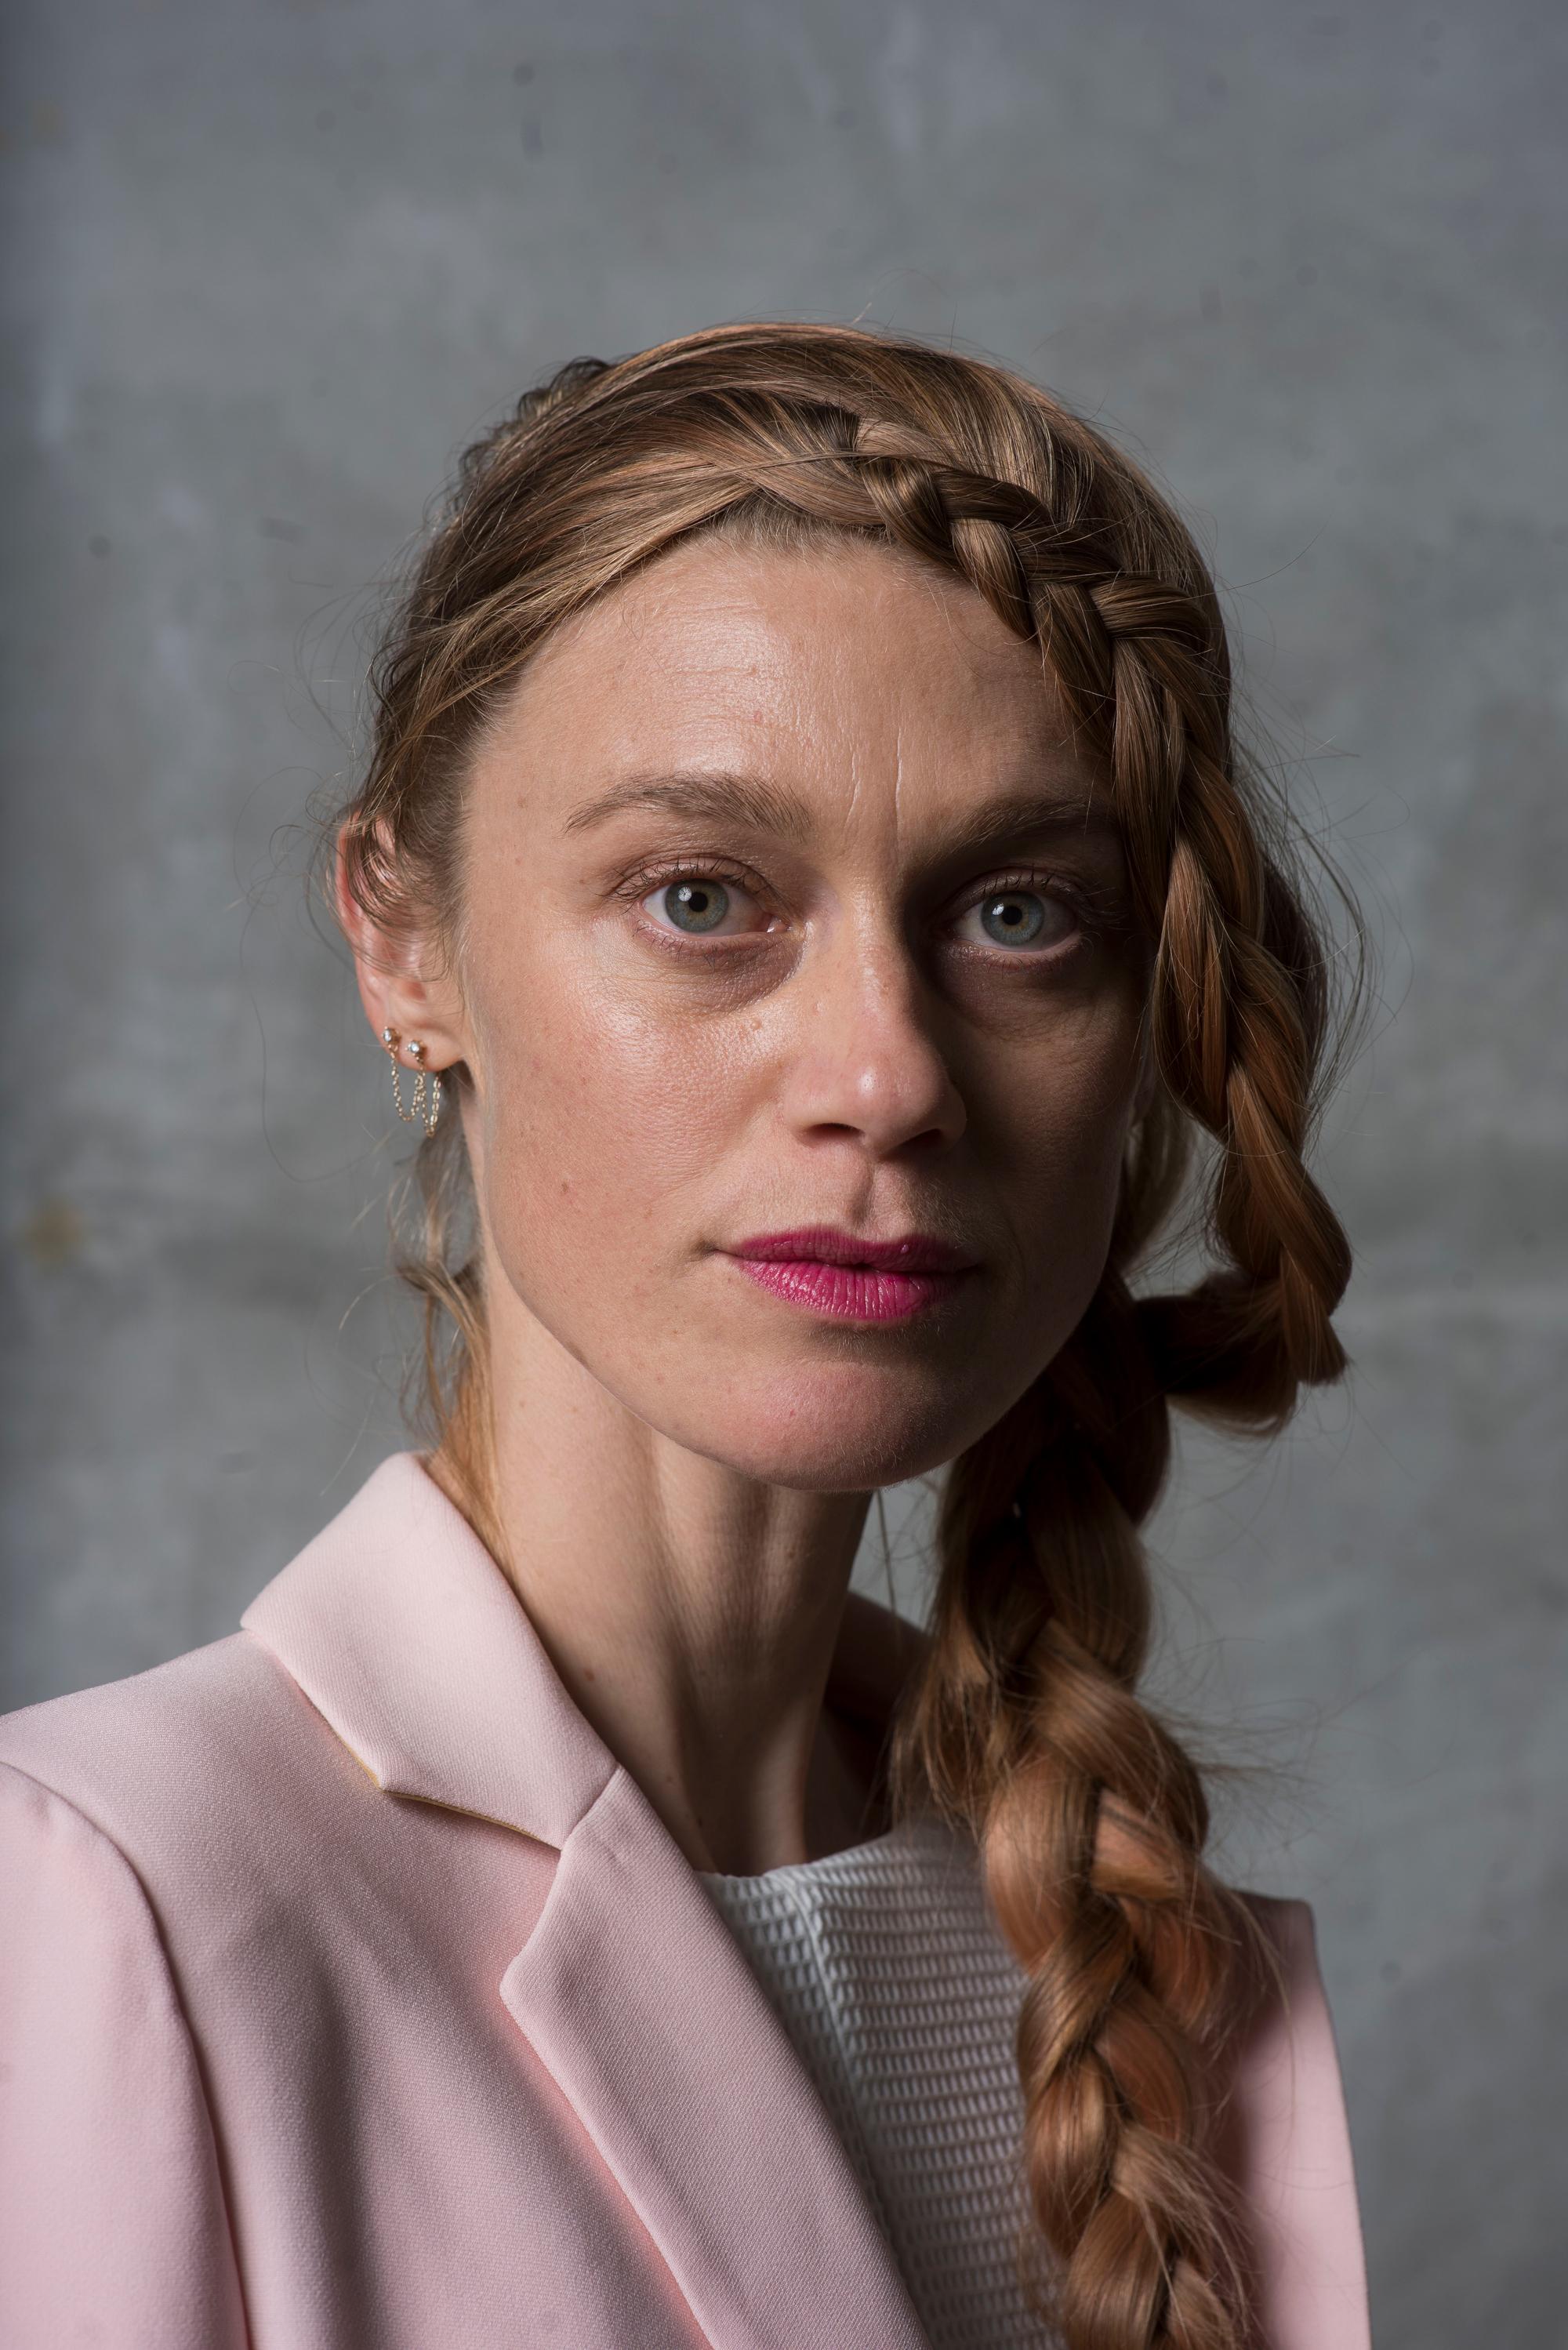 Lucy Mcrae portrait